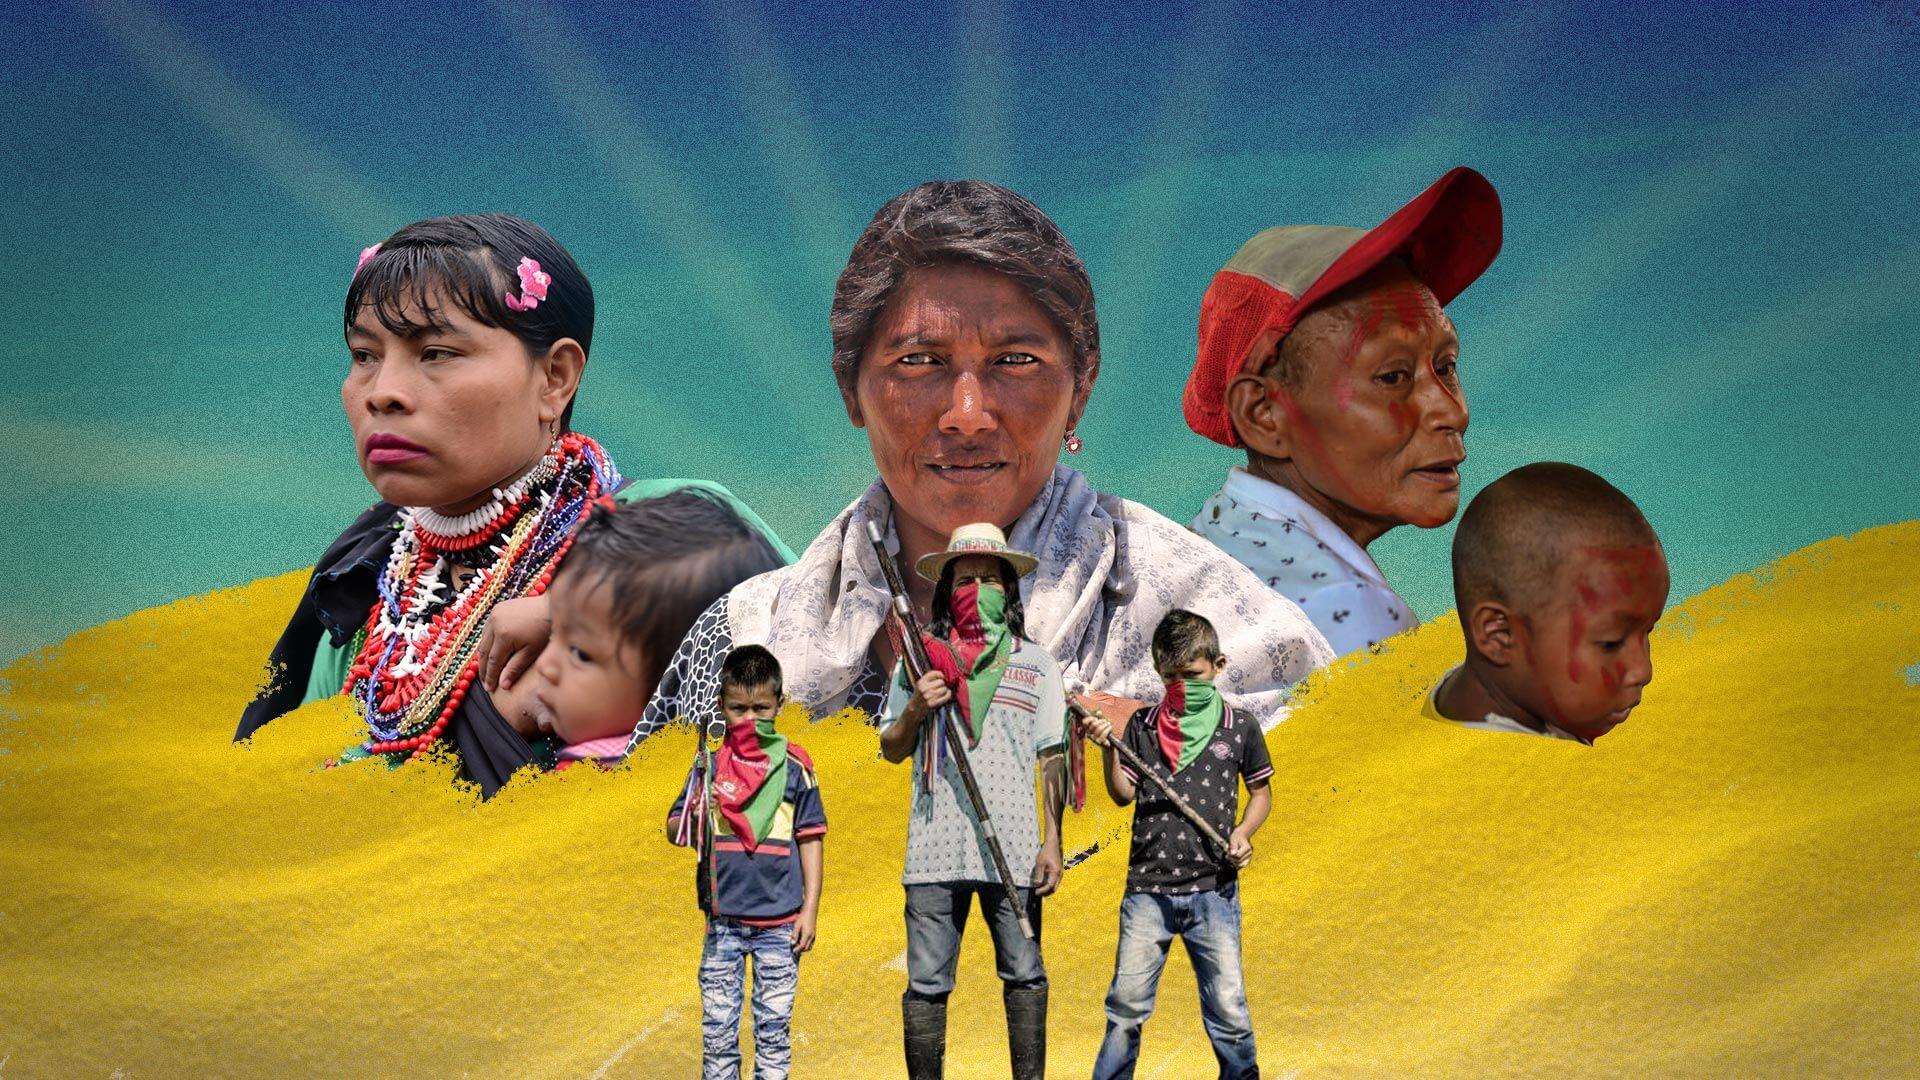 La verdadera historia de violencia que sufrieron los indígenas en medio del conflicto